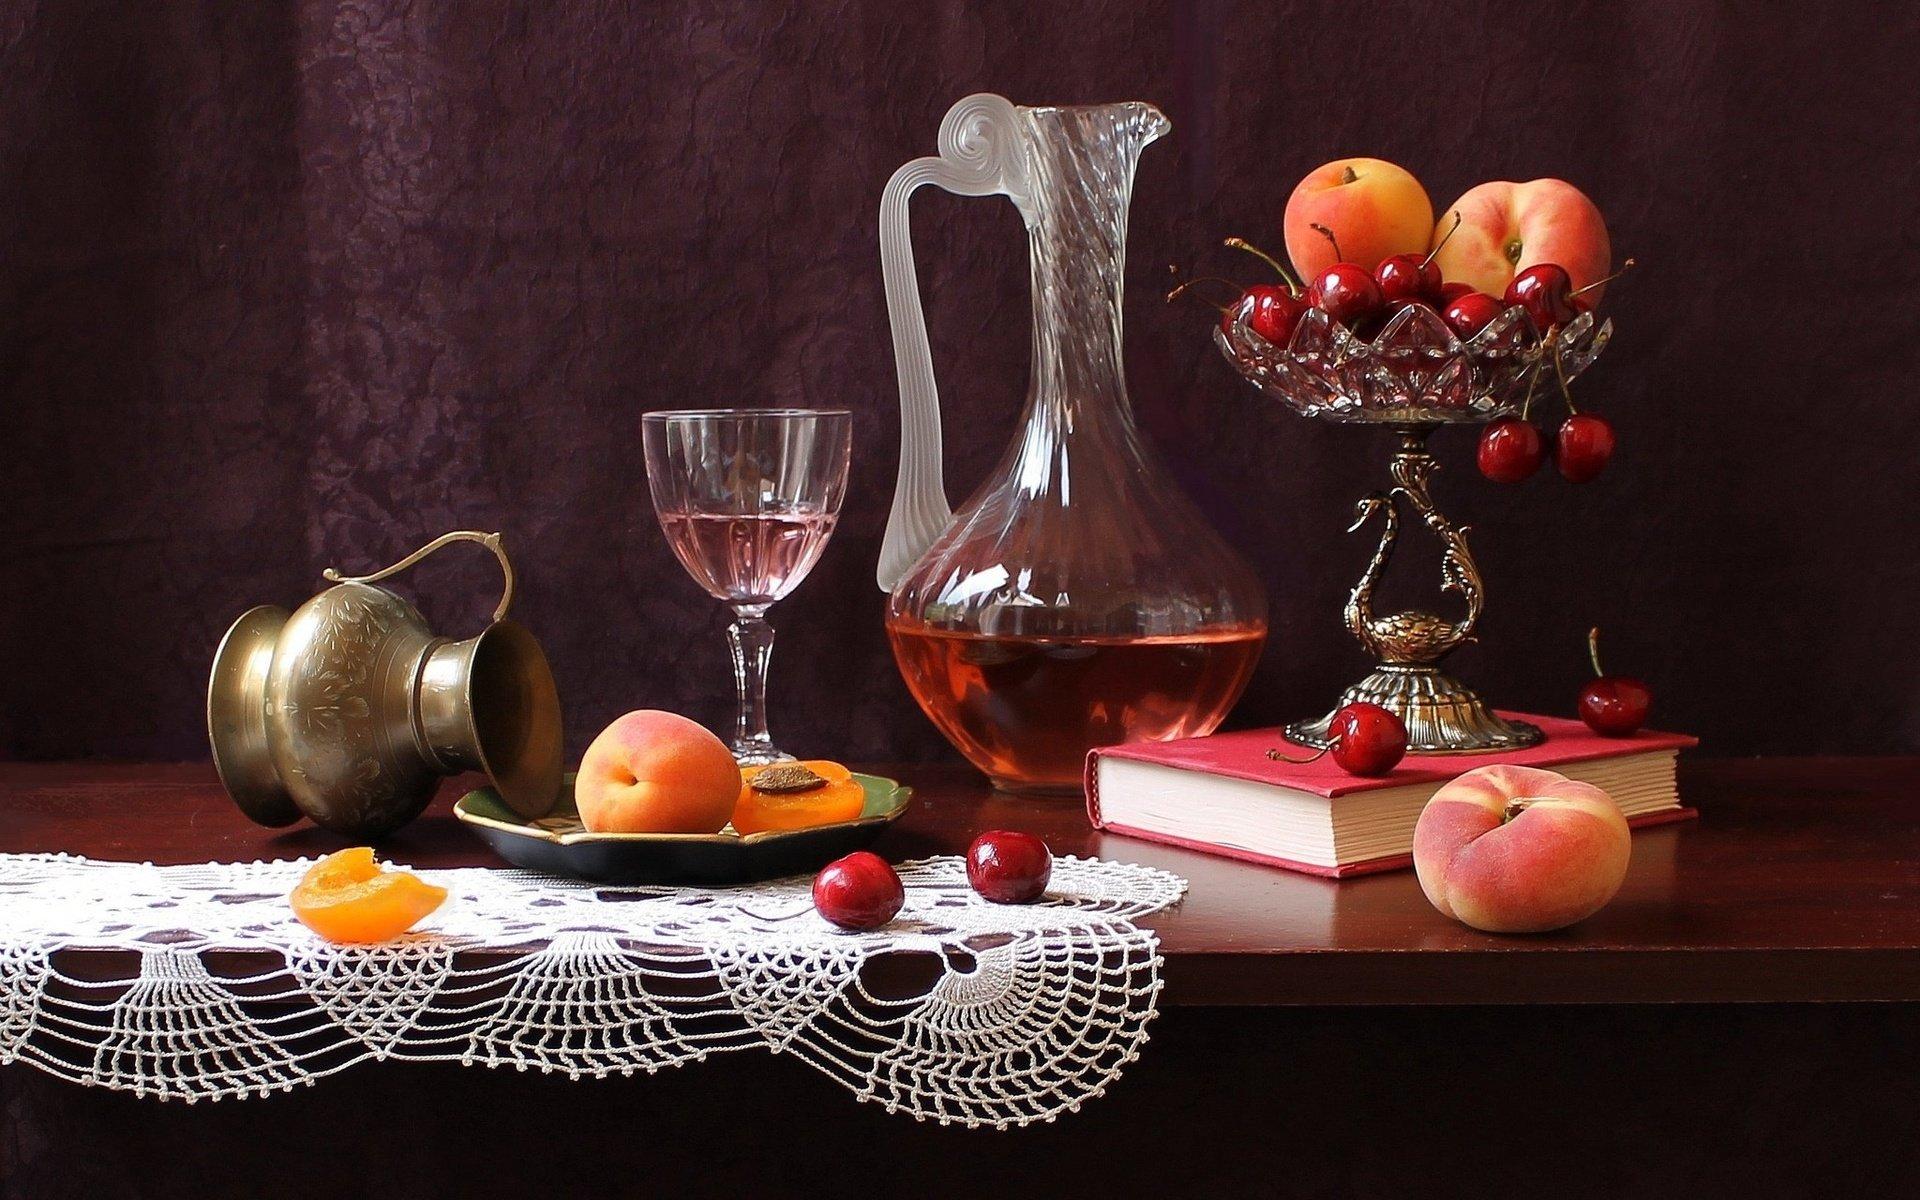 Картинки фото натюрморты с фруктами и вазами